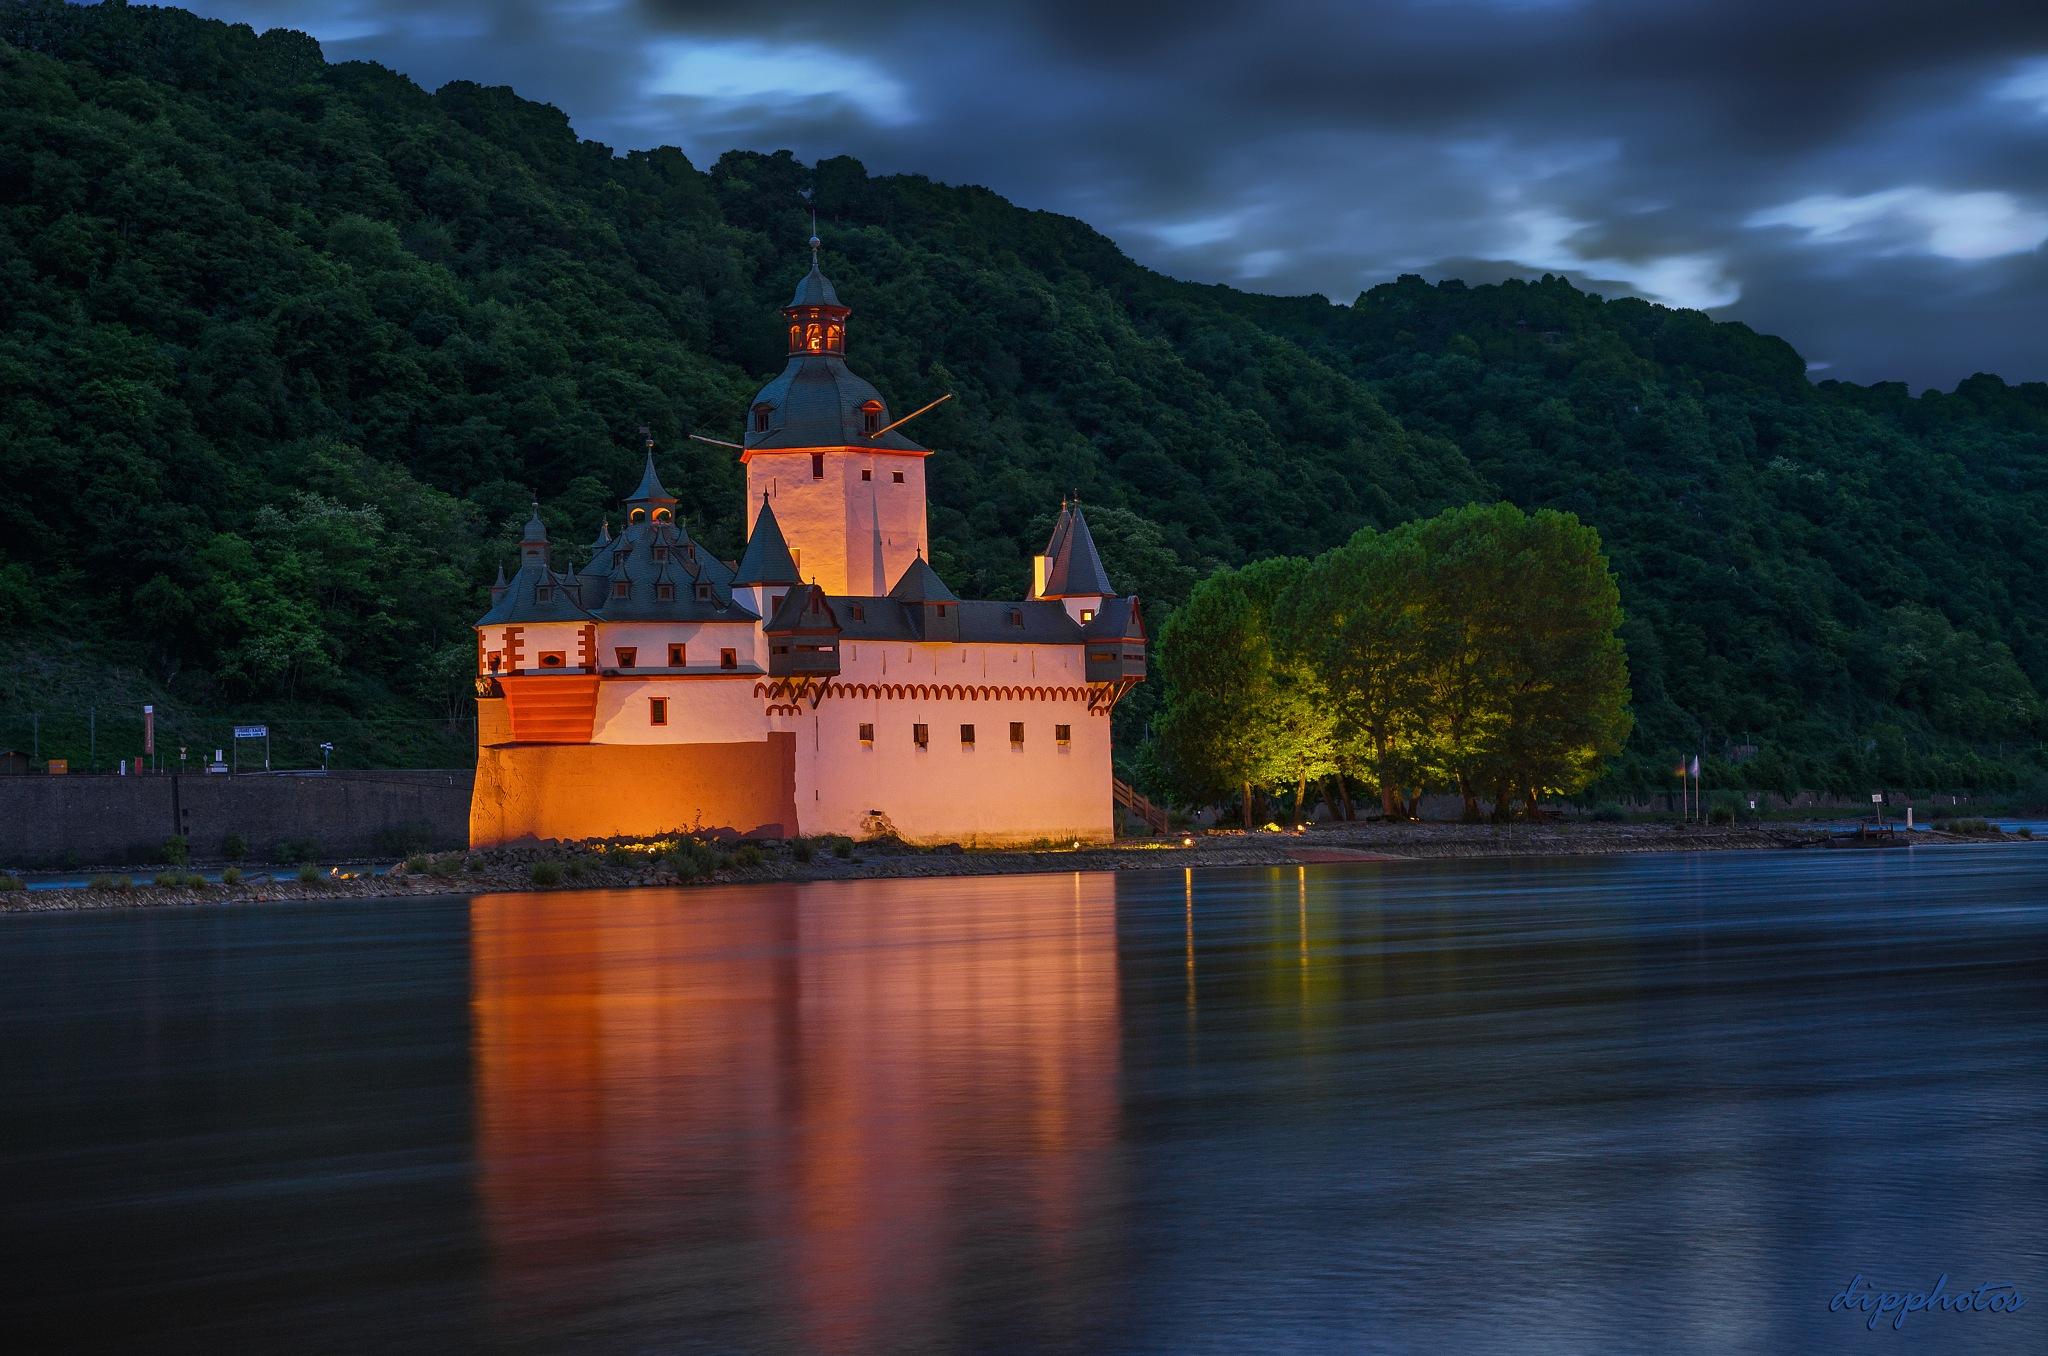 Castle Pfalzgrafenstein by dipphotos